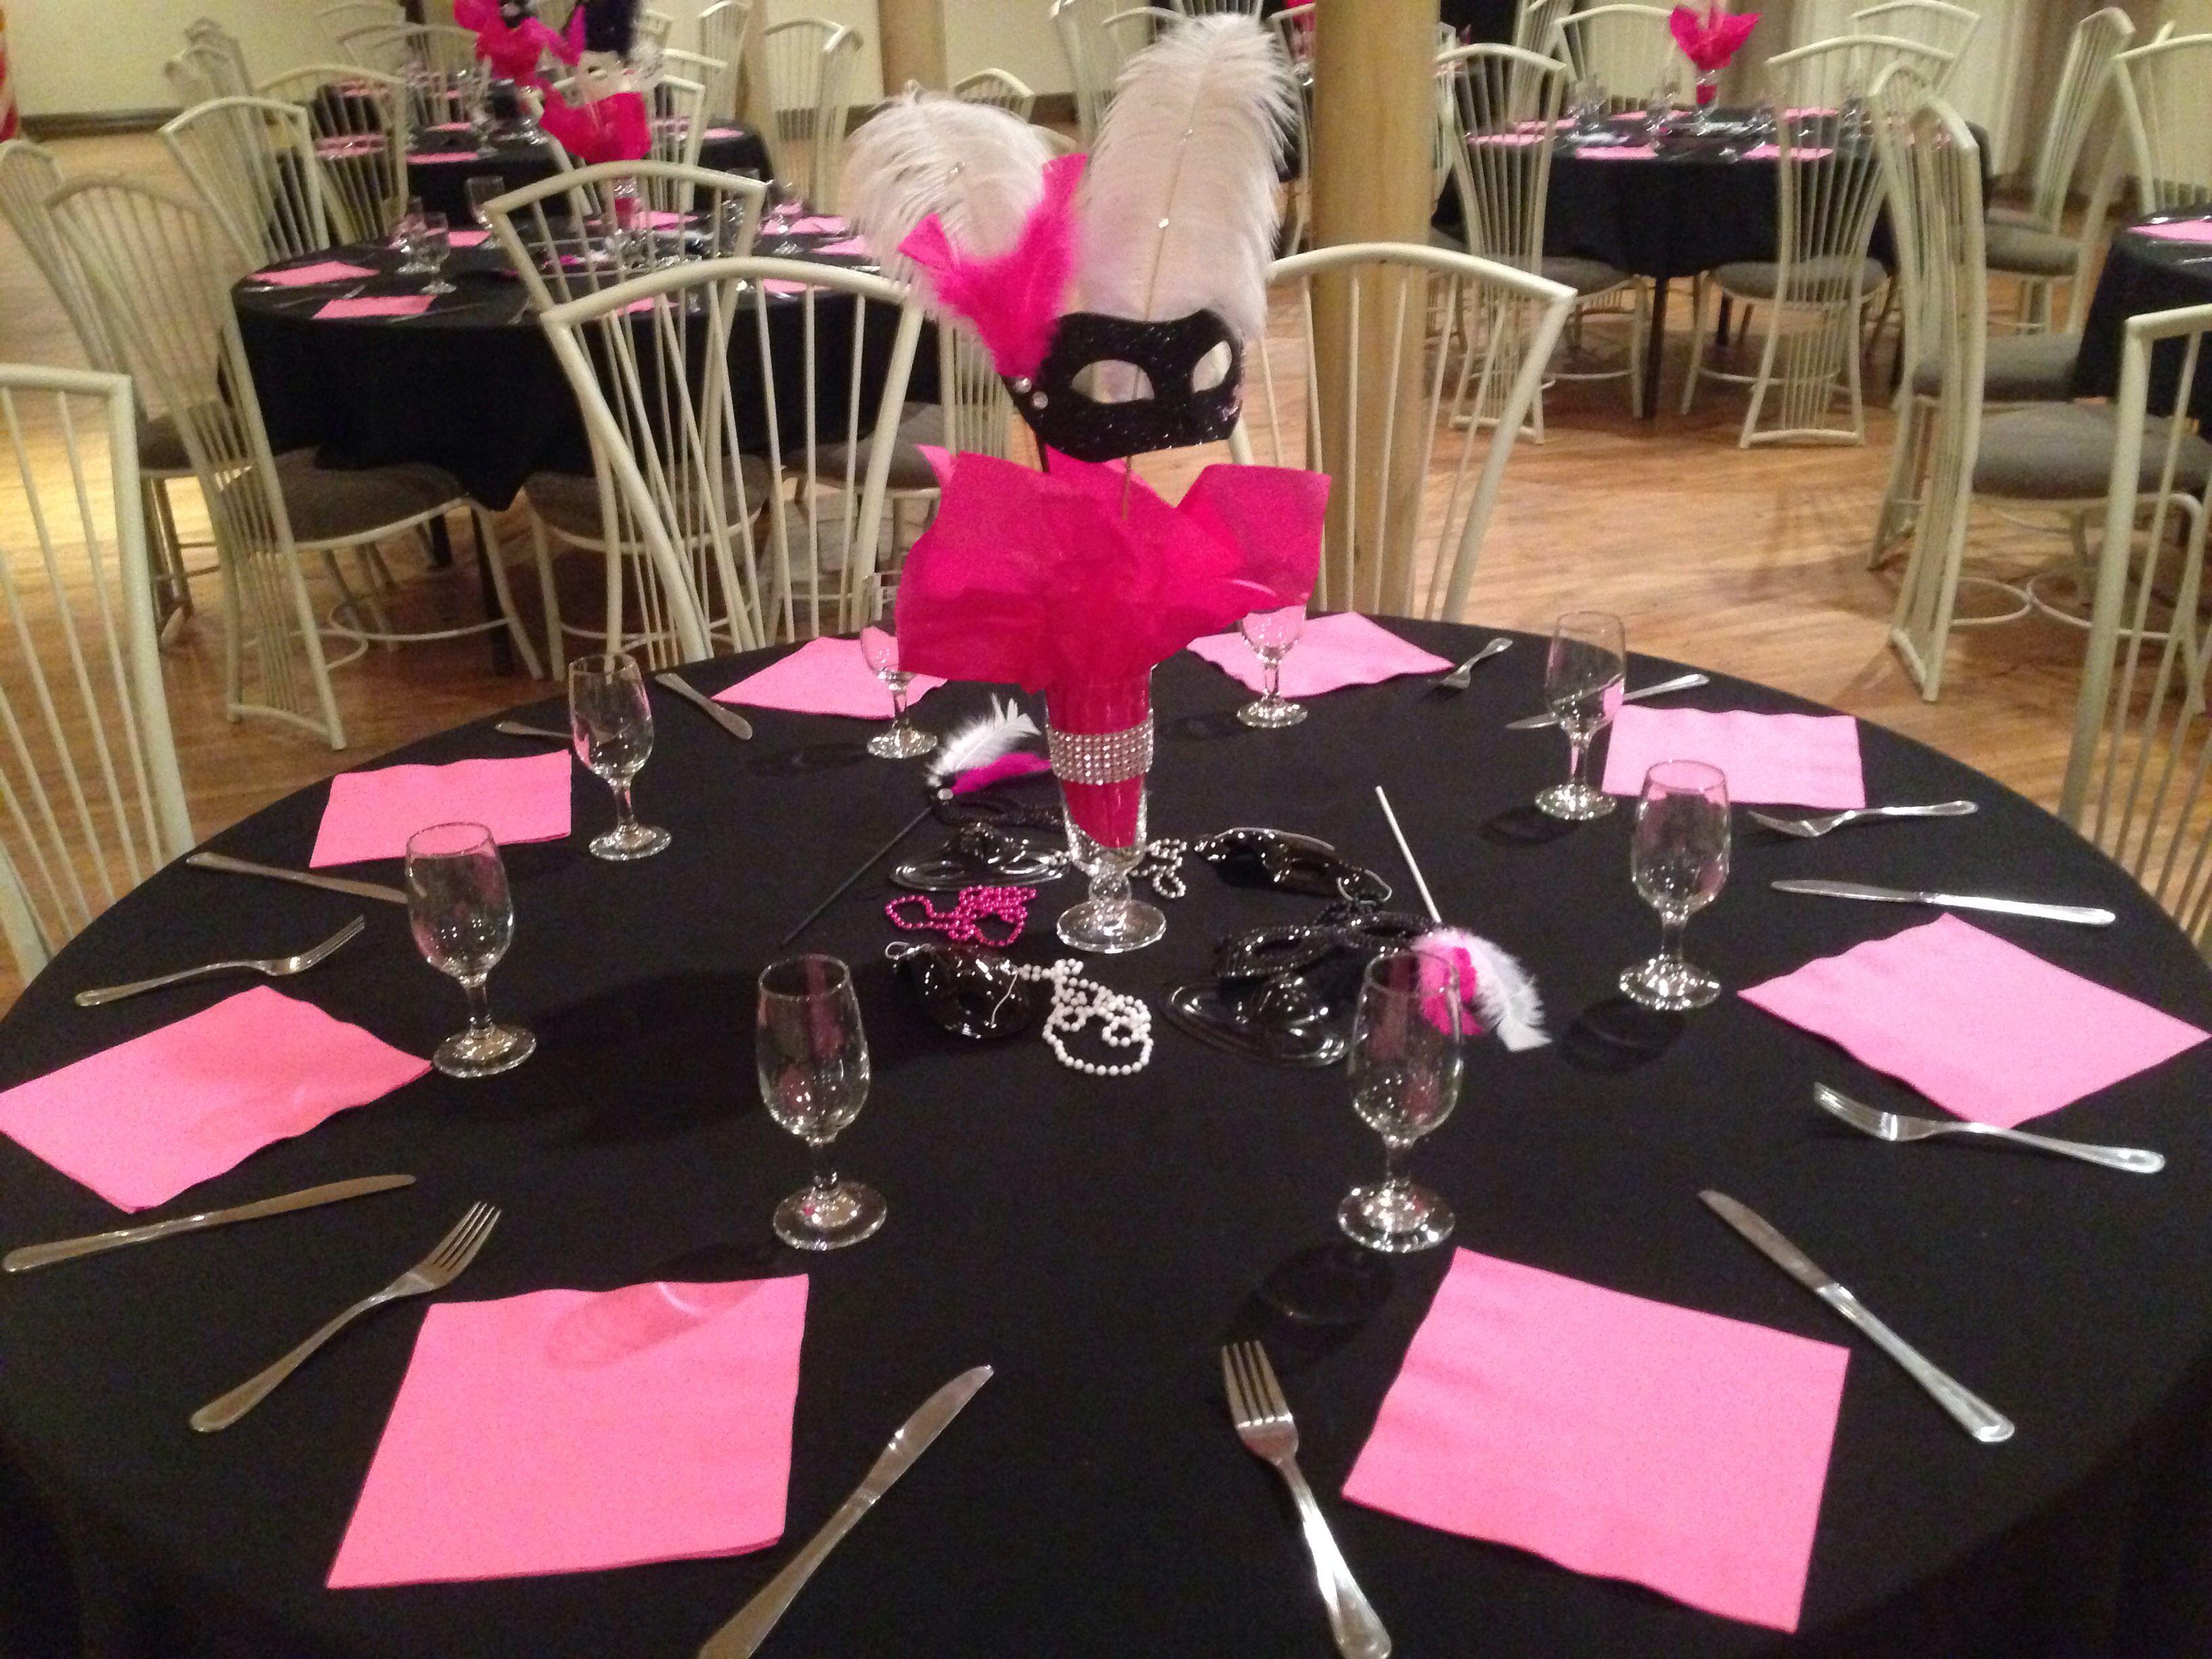 Masquerade Ball Decoration Ideas Masquerade Sweet Sixteen Party Decorations  Masquerade Party